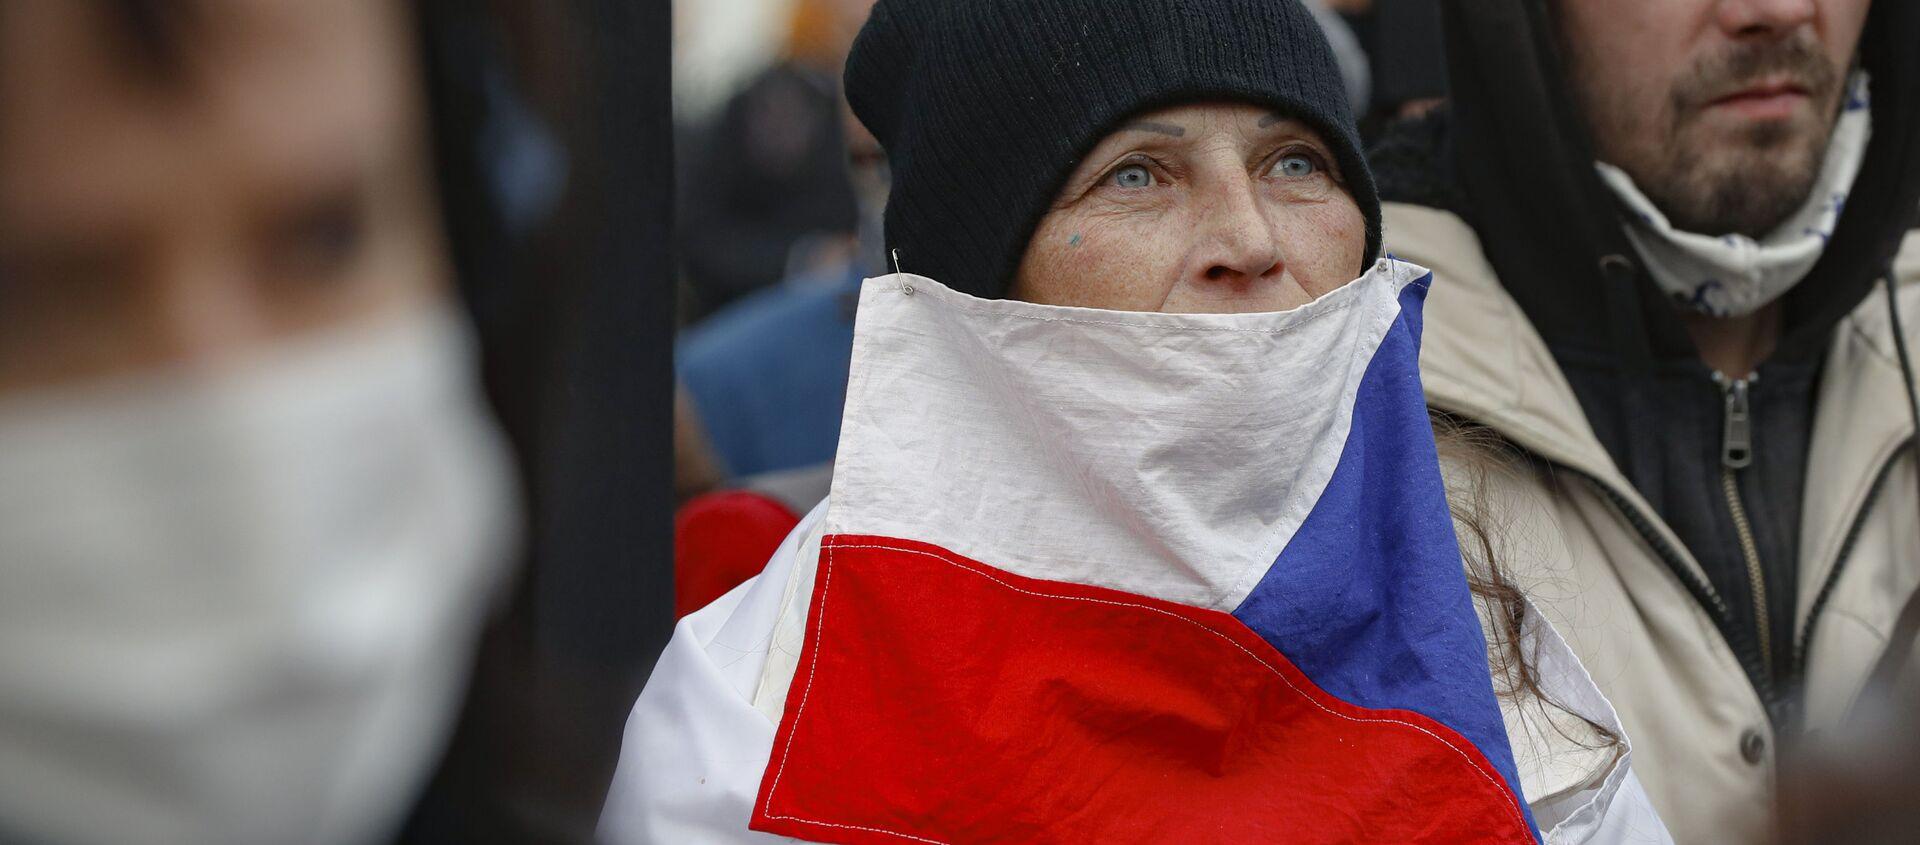 Žena s českou vlajkou během protestní akcí v Praze 28. října 2020 - Sputnik Česká republika, 1920, 10.04.2021